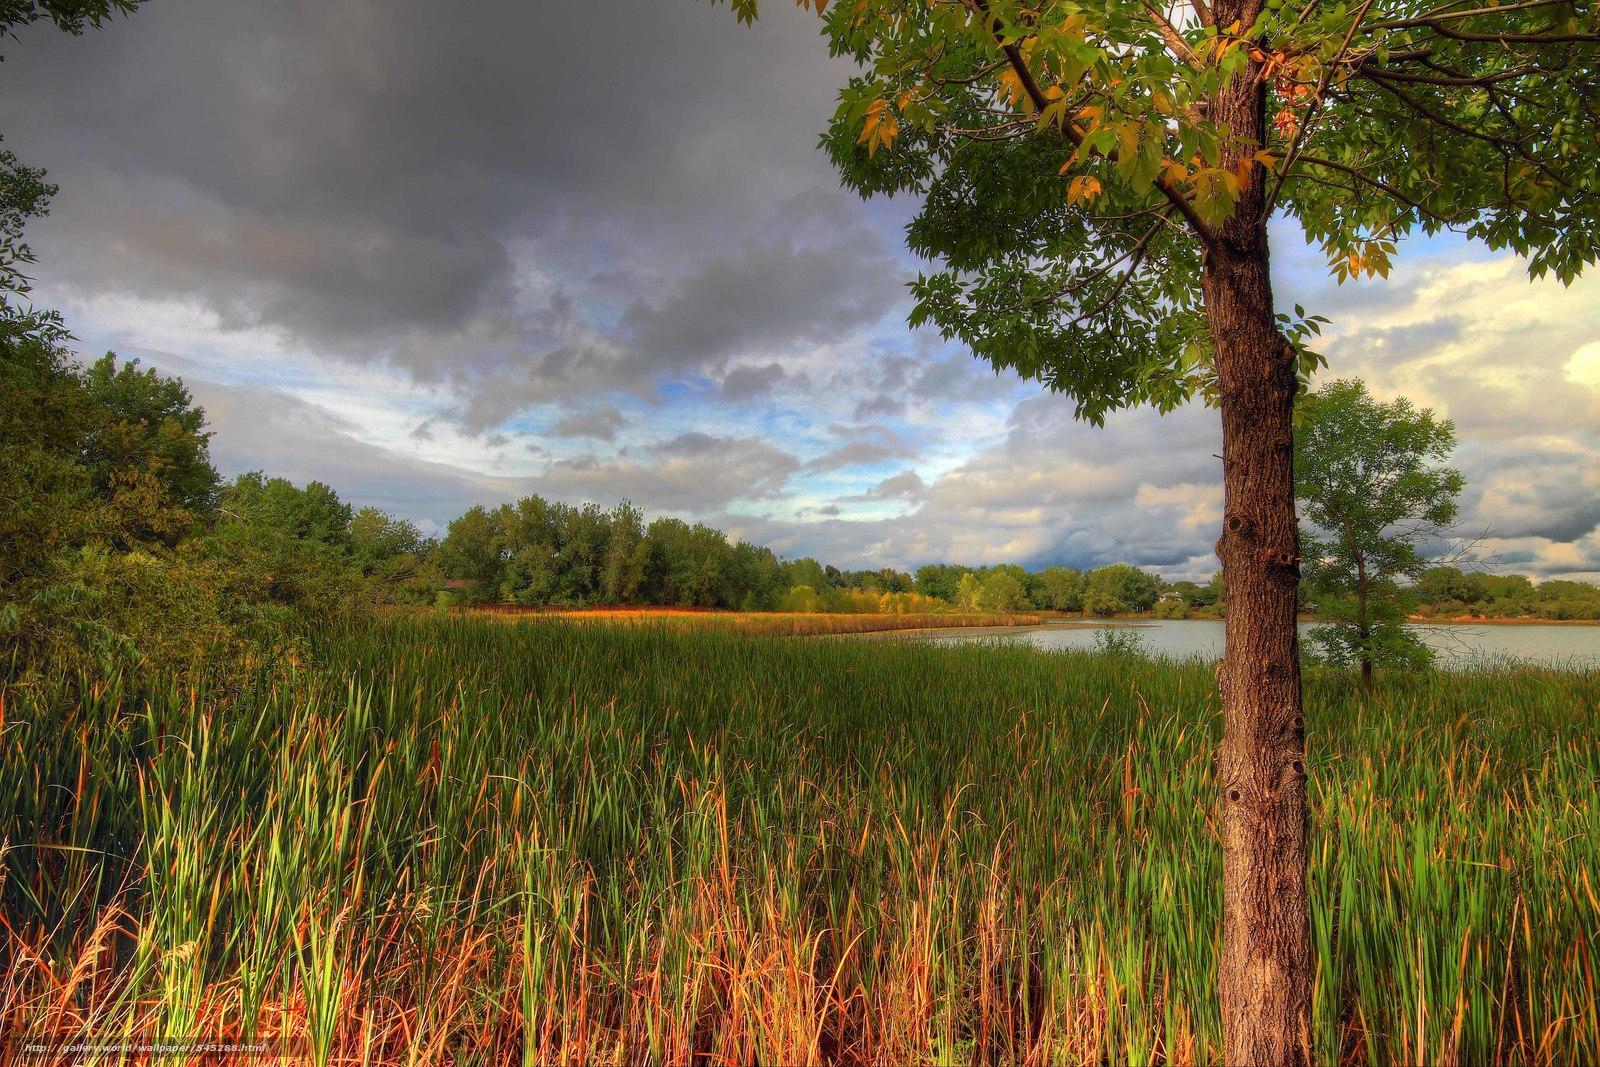 下载壁纸 秋,  湖,  树,  景观 免费为您的桌面分辨率的壁纸 5183x3455 — 图片 №545288